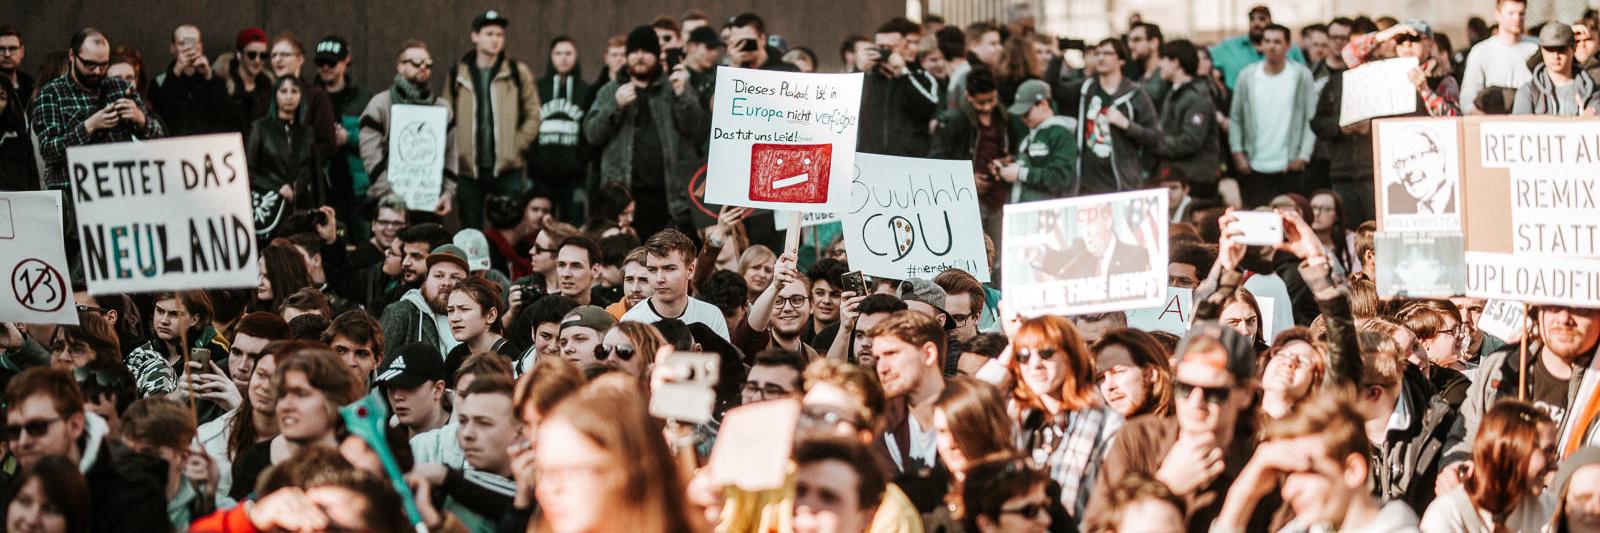 Demonstration für ein freies Internet